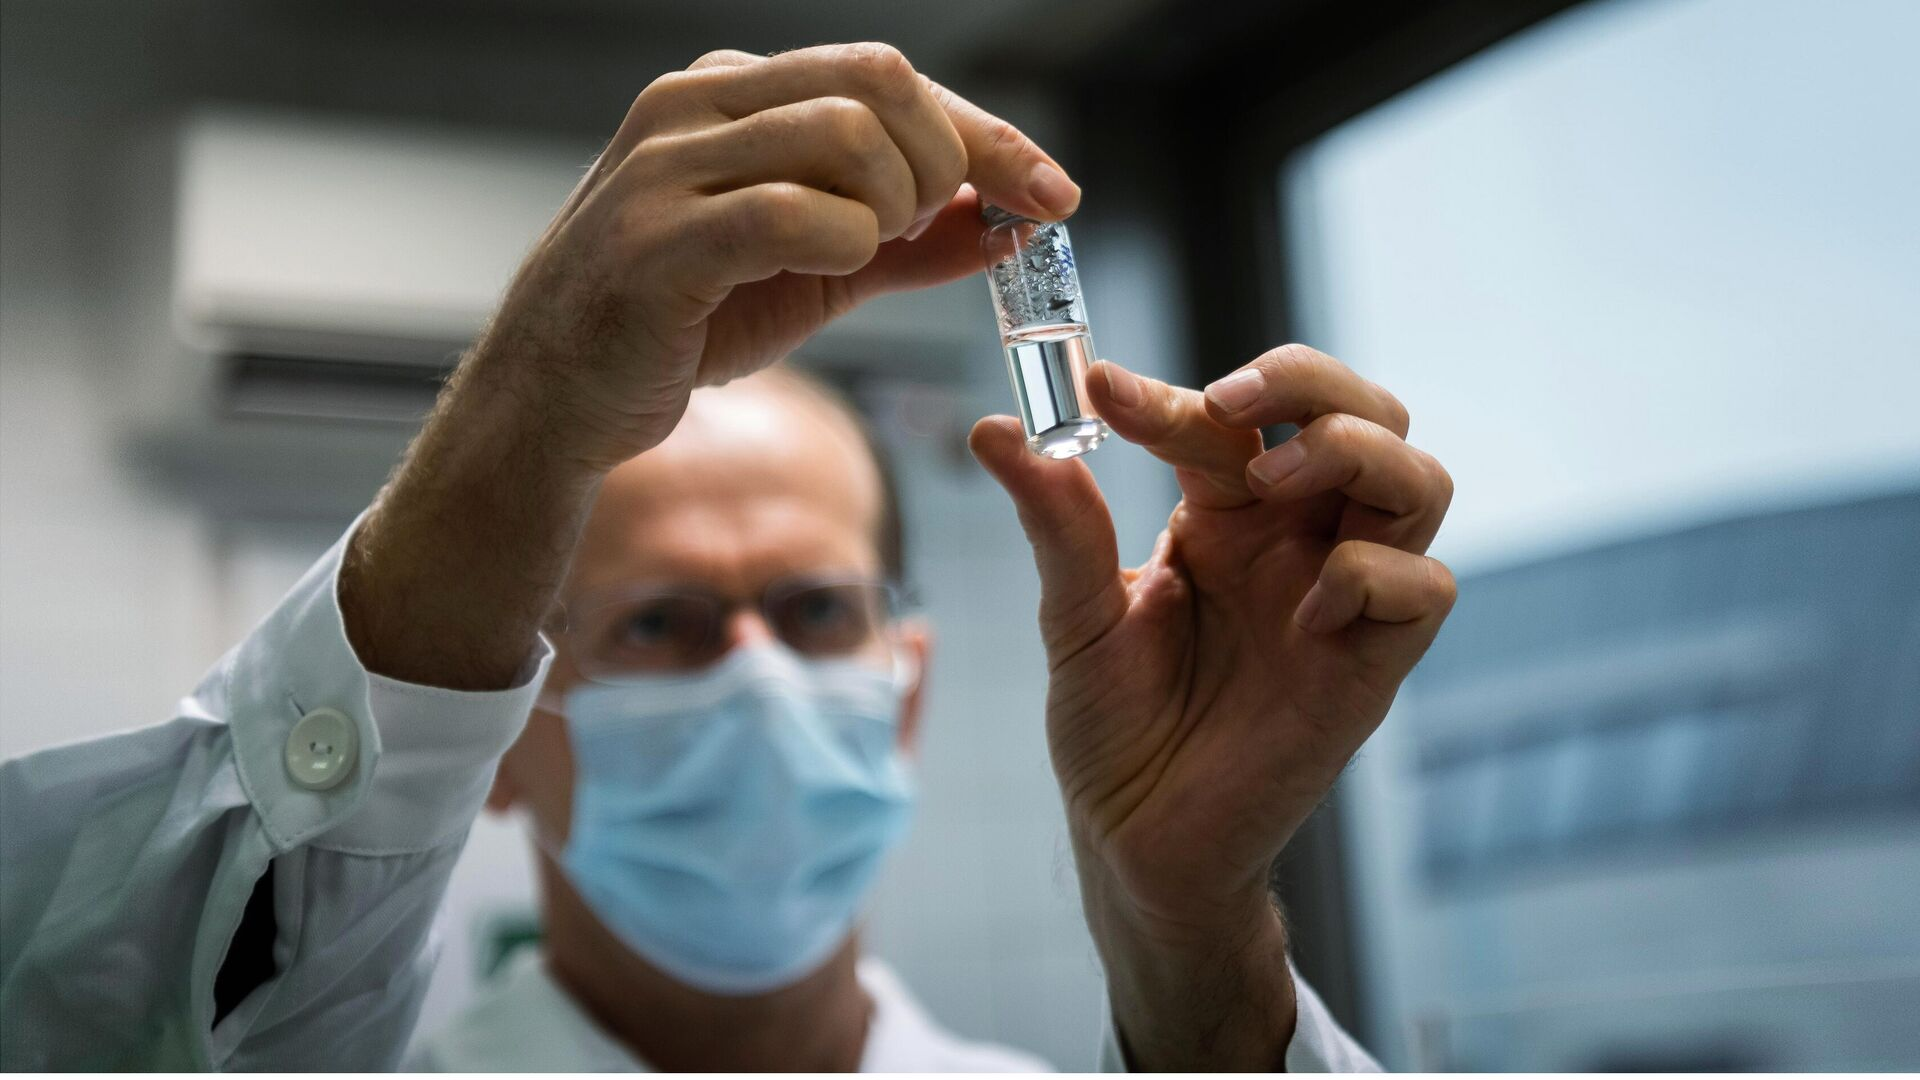 Российская вакцина Спутник V от коронавируса доставлена в Венгрию для клинических исследований - РИА Новости, 1920, 03.12.2020